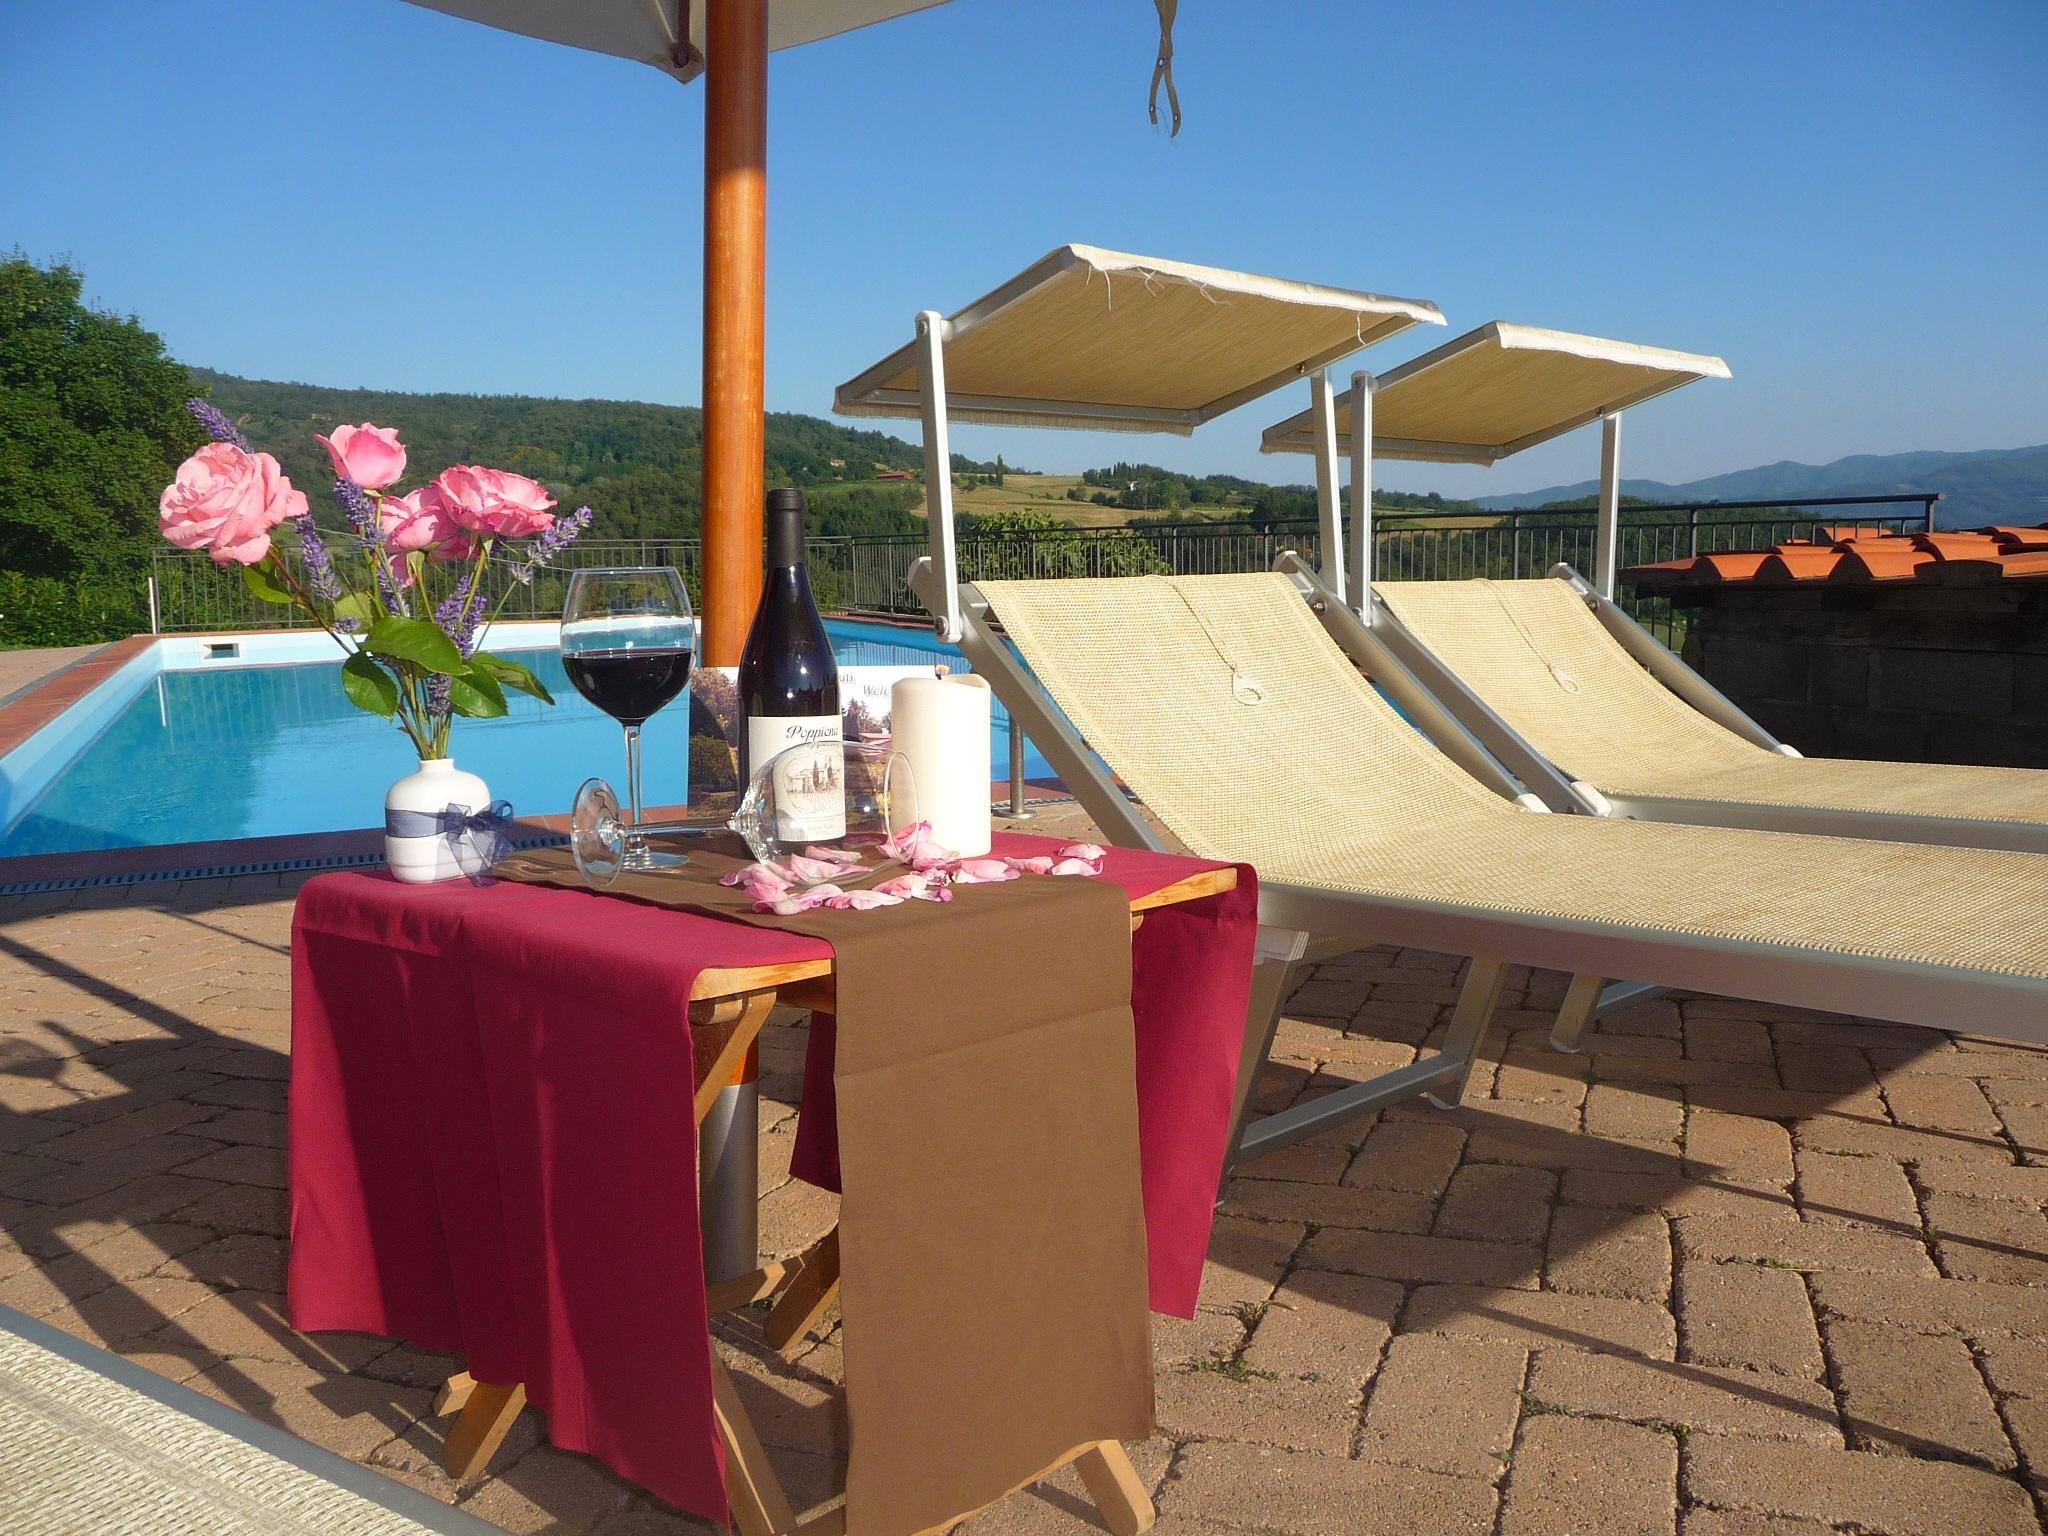 villa restaurante piscina toscana recurso inmuebles hamacas casas rurales vacaciones